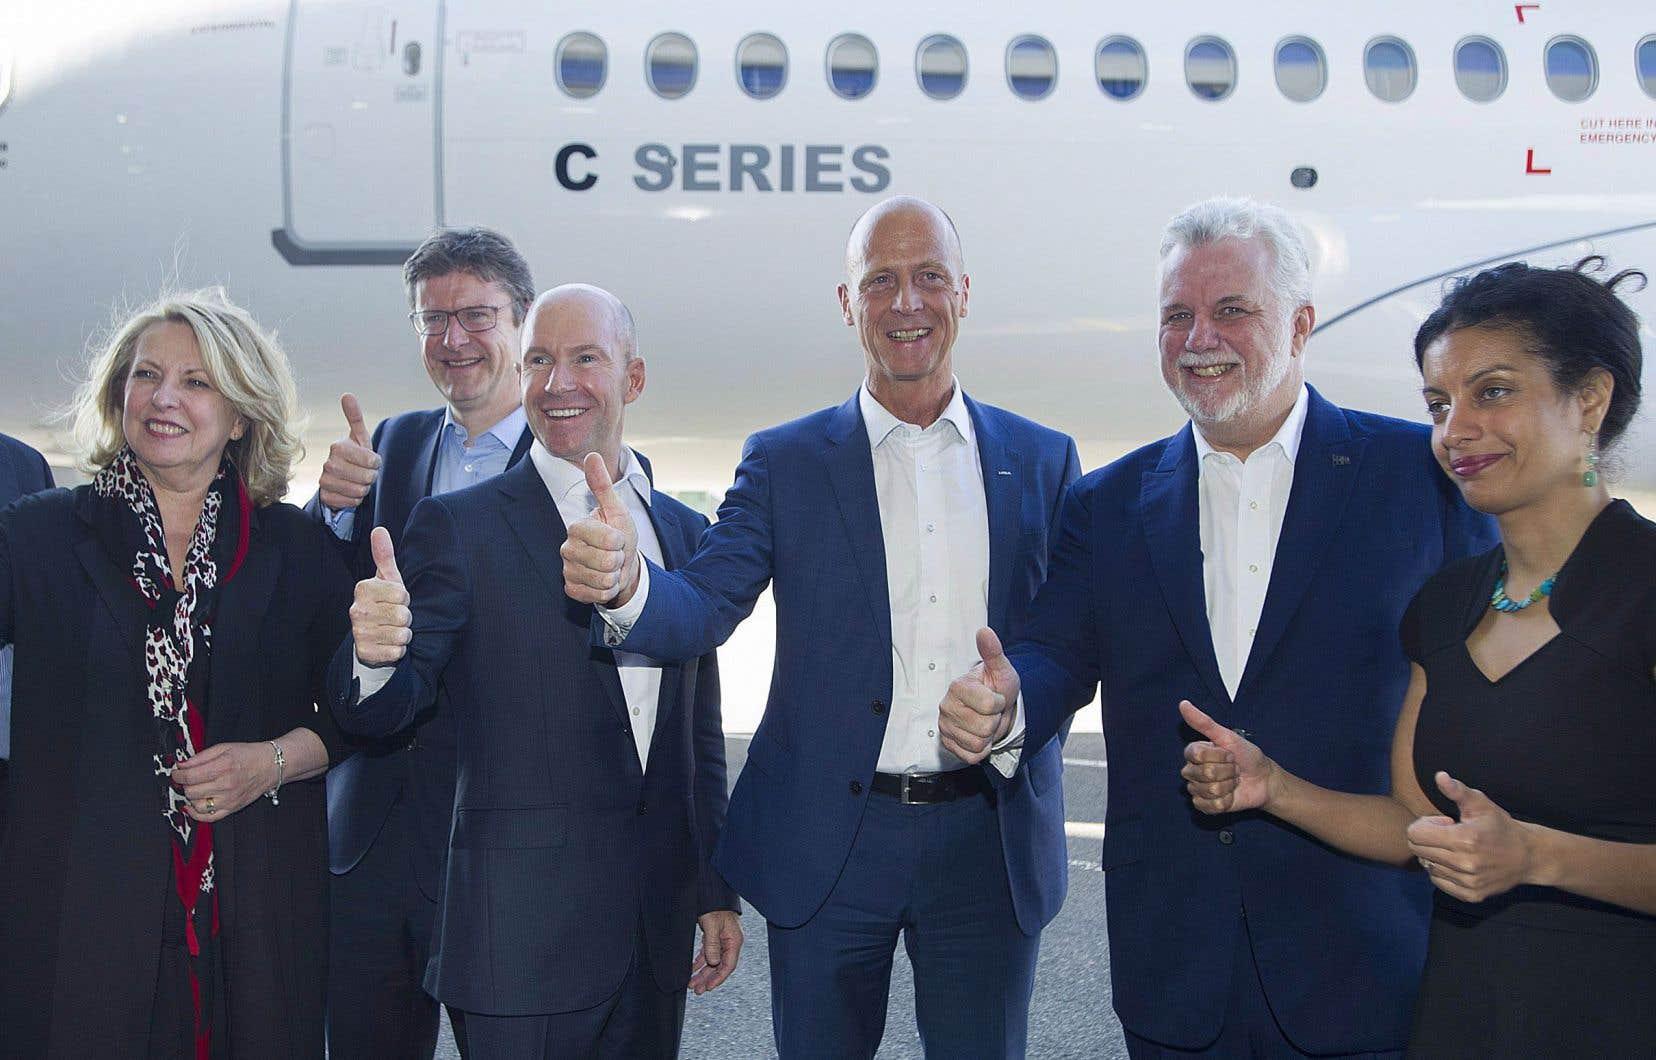 Le président et directeur général de Bombardier, Alain Bellemare, entouré du président d'Airbus, Tom Enders, du premier ministre Philippe Couillard et de la ministre de l'Économie, Dominique Anglade